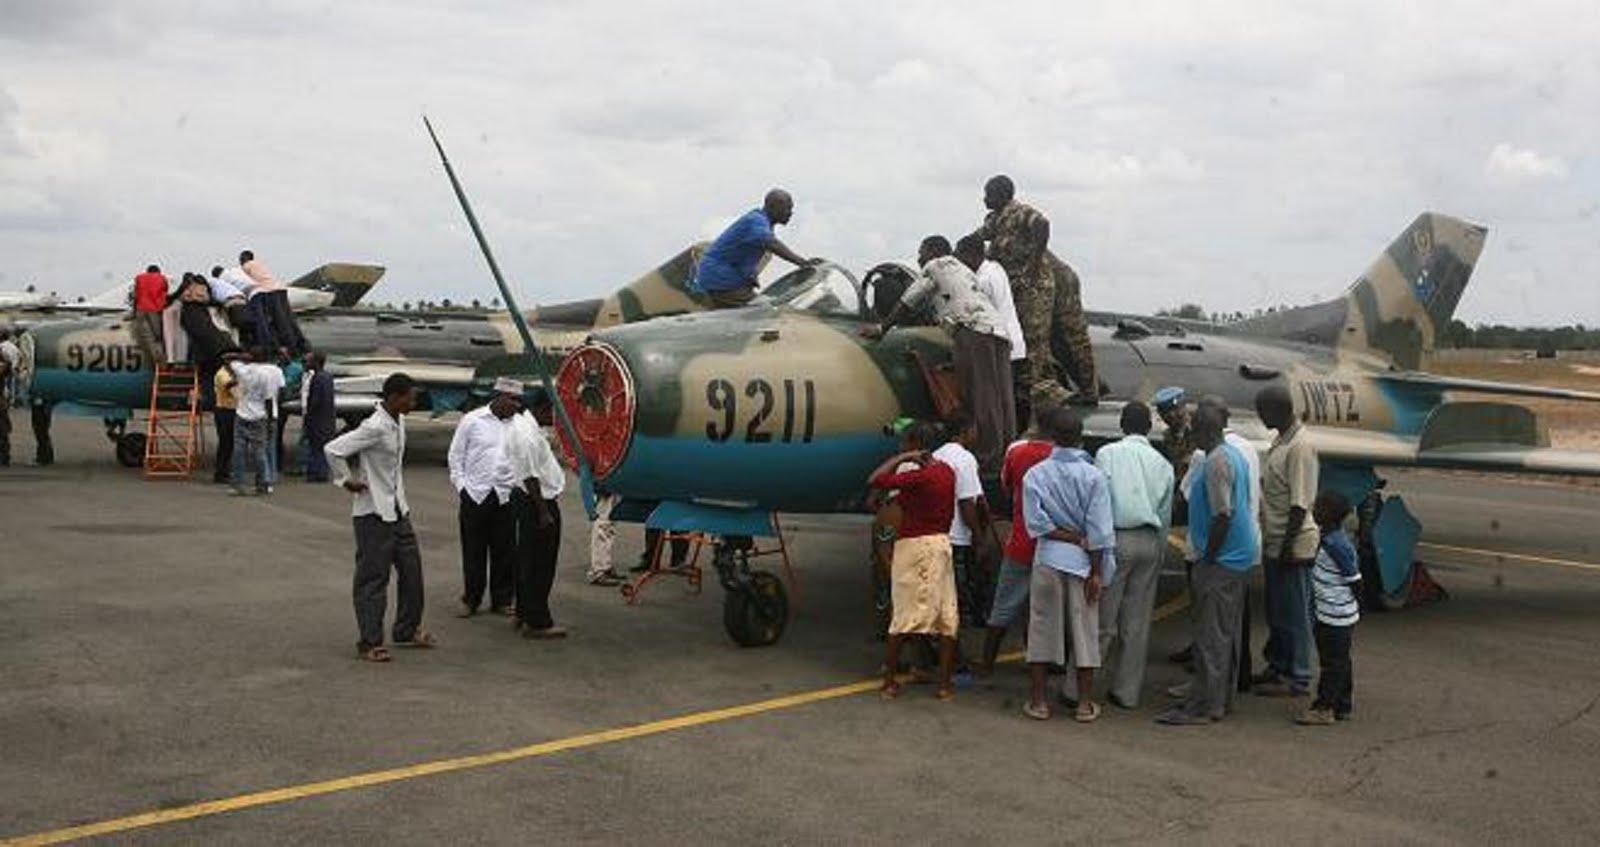 Armée tanzanienne / Tanzania Peoples' Defence Force ( TPDF ) - Page 2 F-6%2B9211%2BY%2B9205%2BTANZANOS%2B27-08-2009